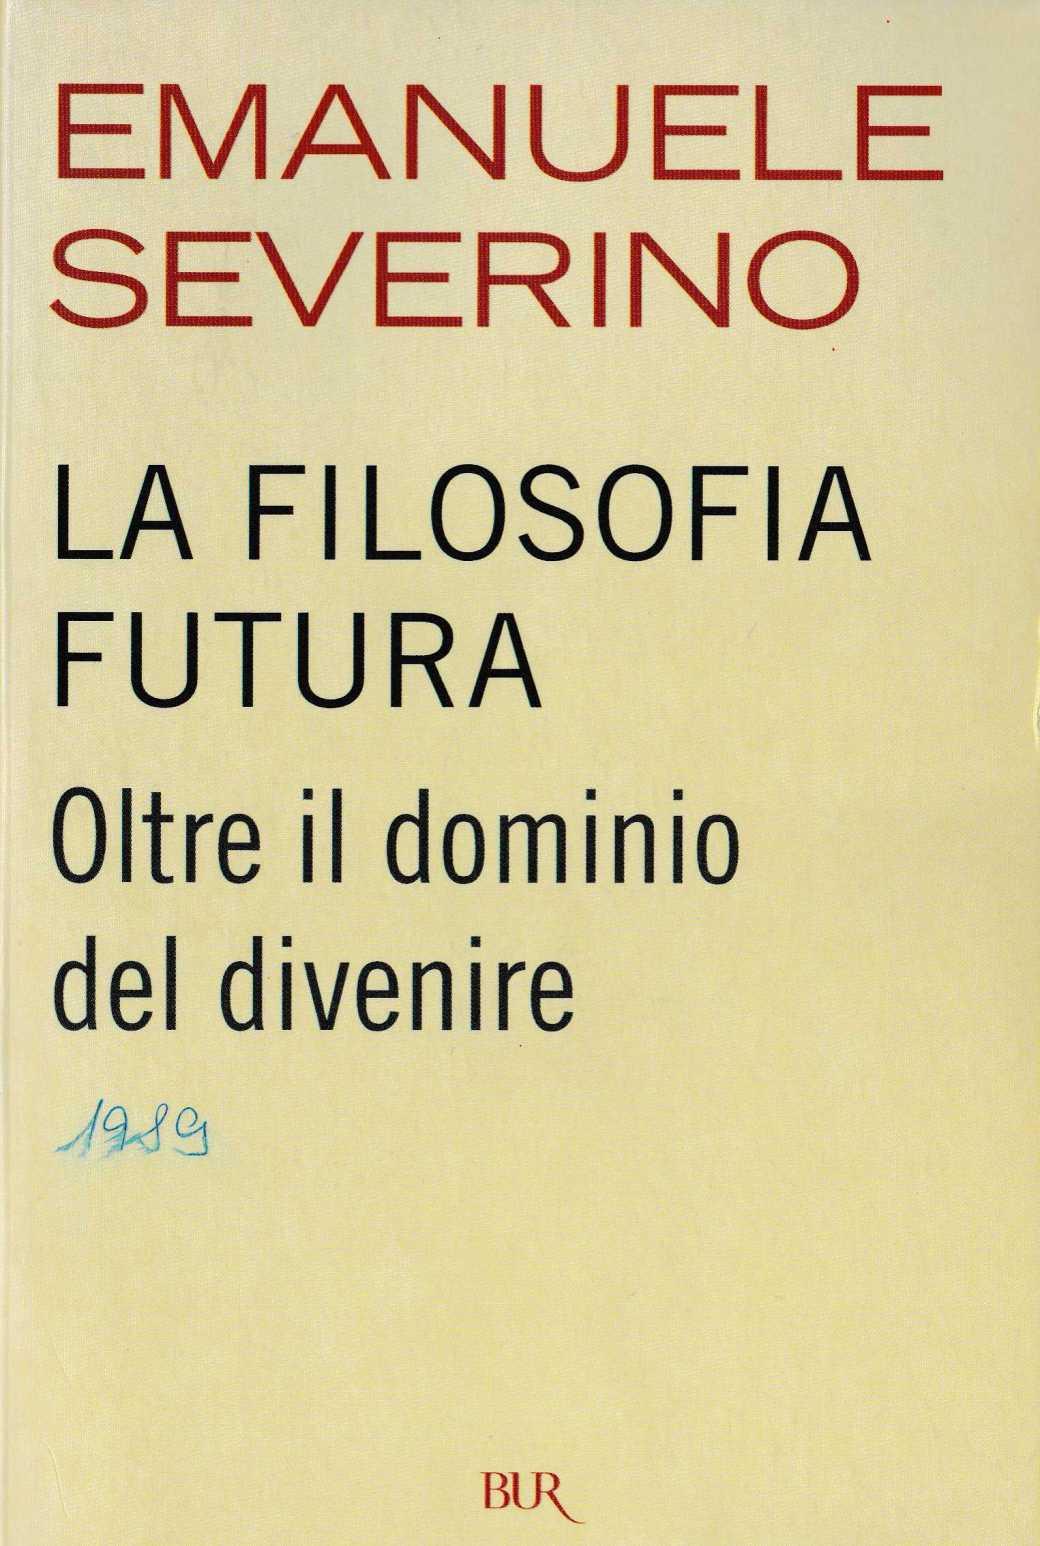 futura4633